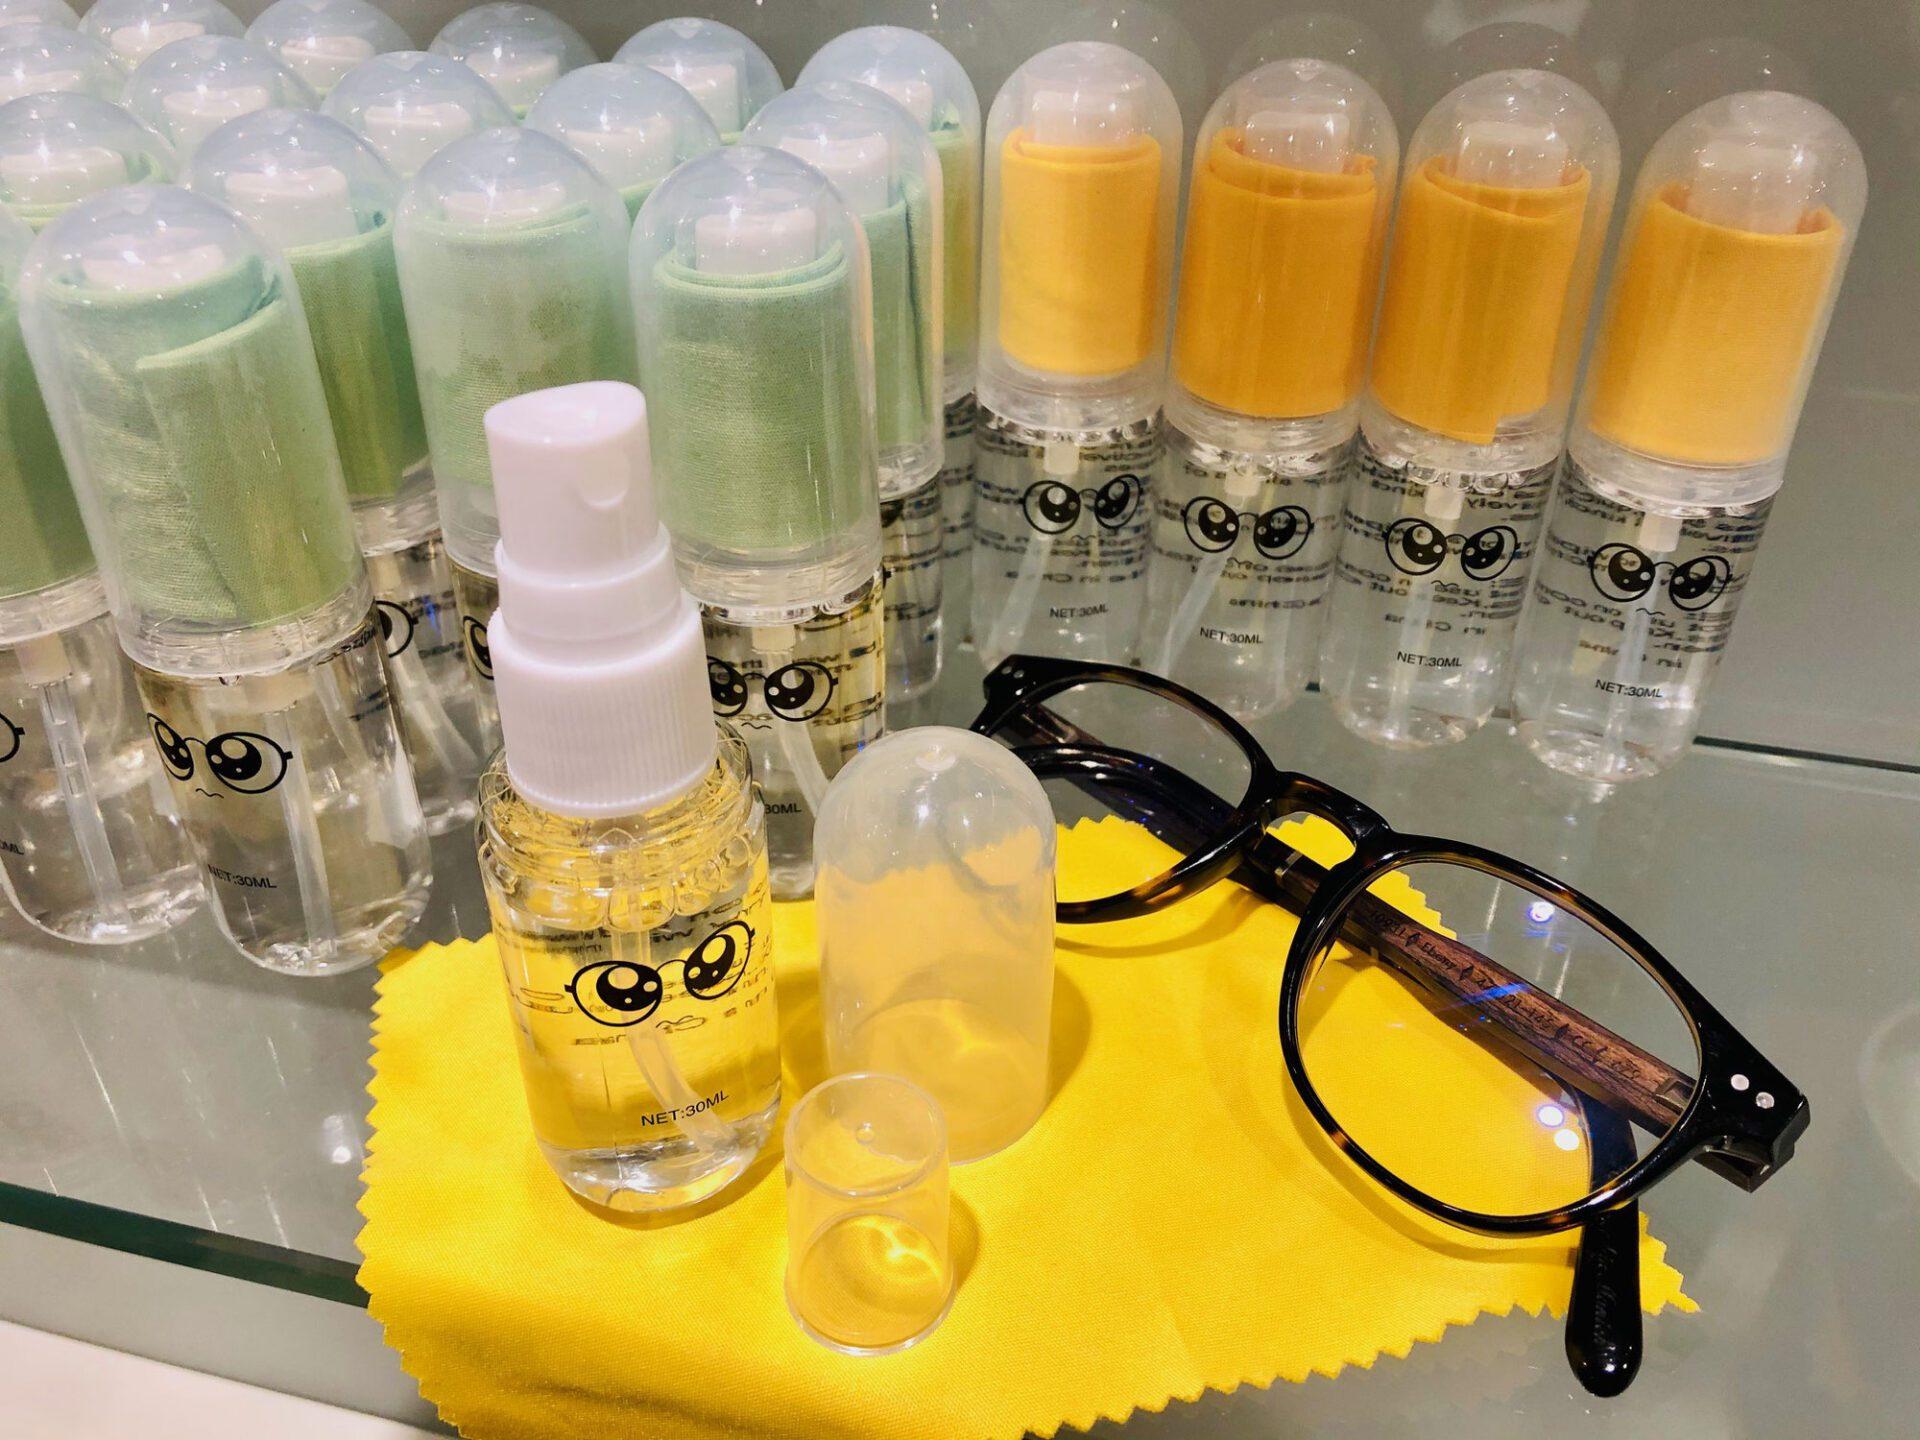 Optiko by Schütt - Brillenmode in Hamburg - Anti-Beschlag Spray (Anti-Fog) für Brillengläser - jetzt endlich wieder vorrätig!